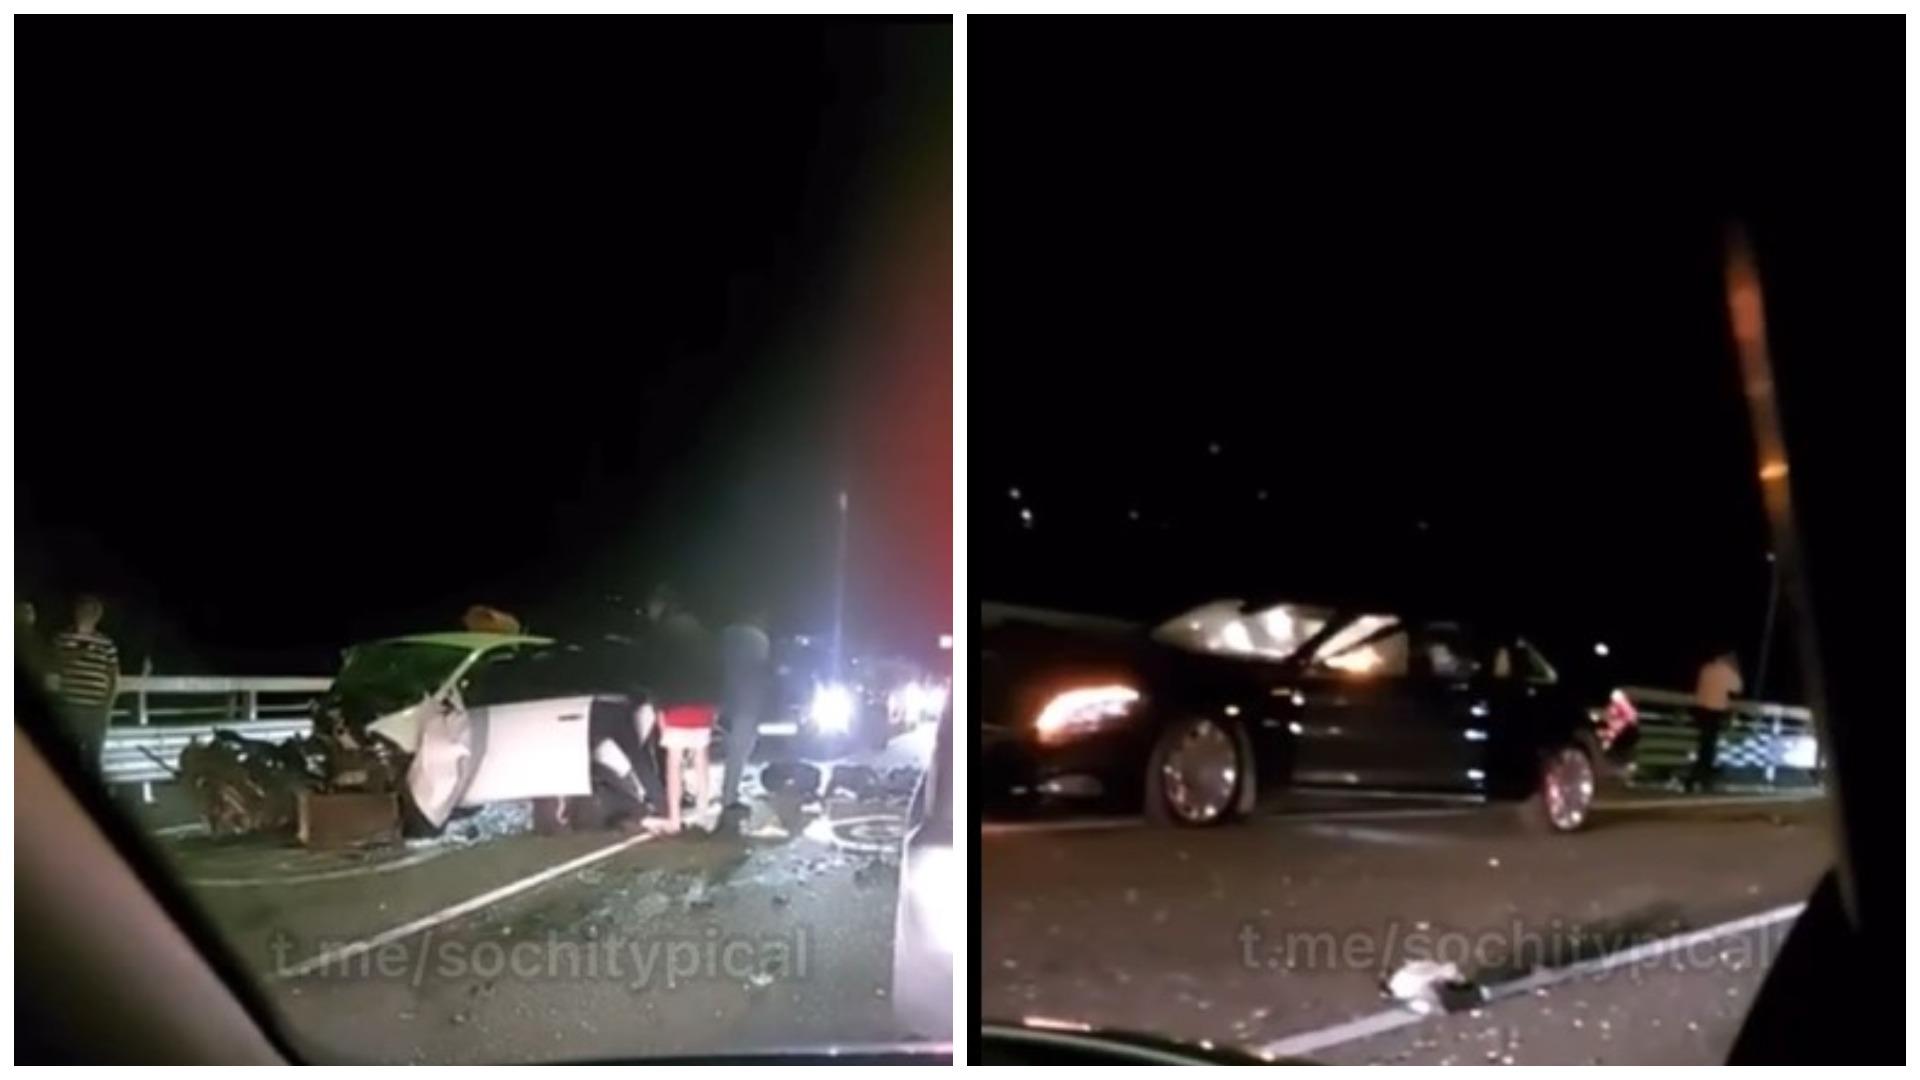 В Сочи водитель Mercedes-Maybach отправлен под домашний арест после смертельного ДТП